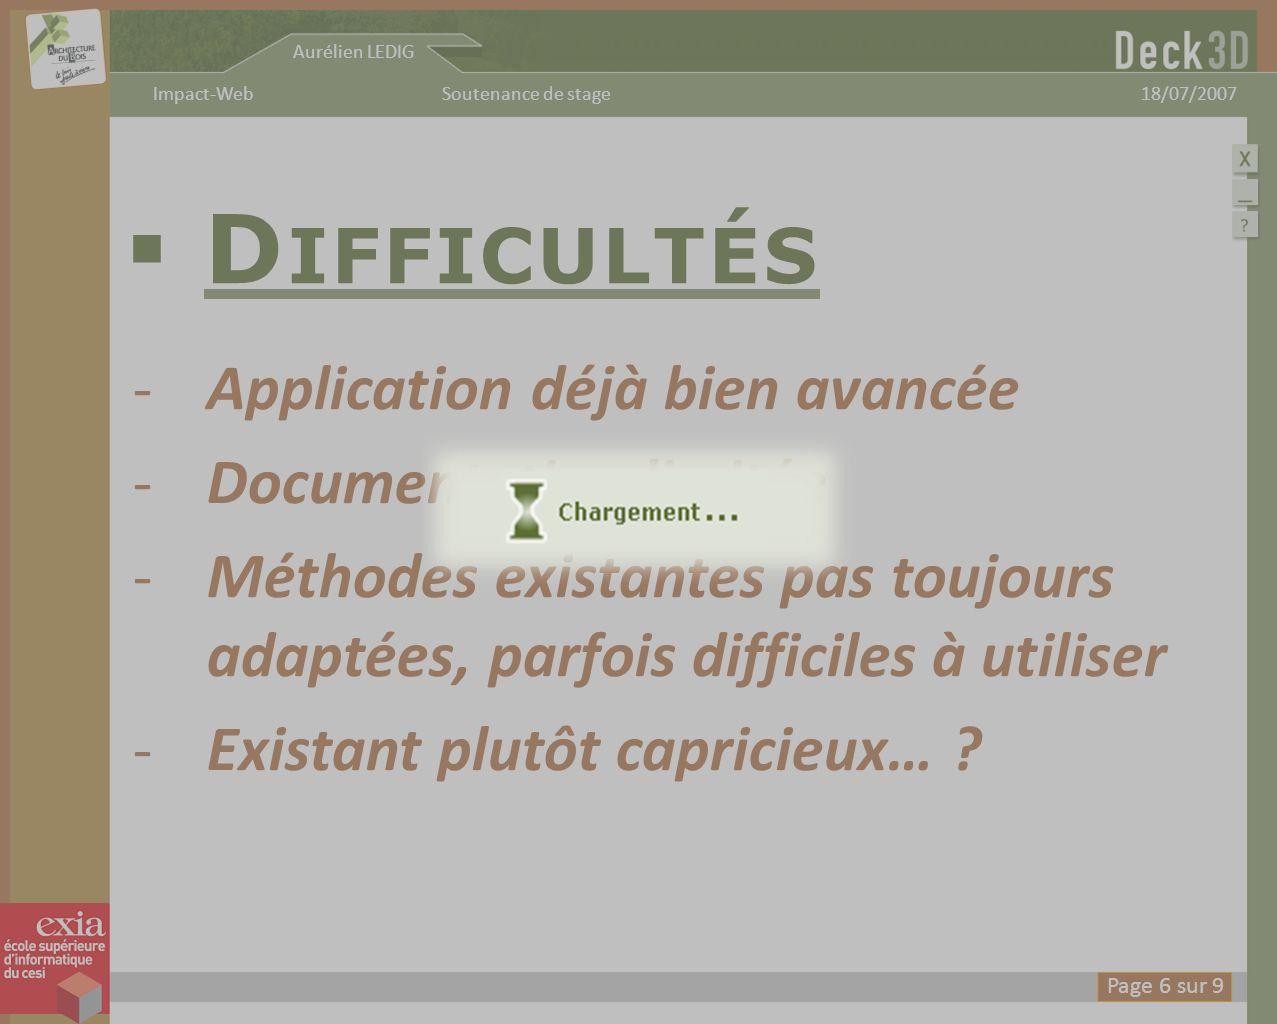 Difficultés Application déjà bien avancée Documentation limitée